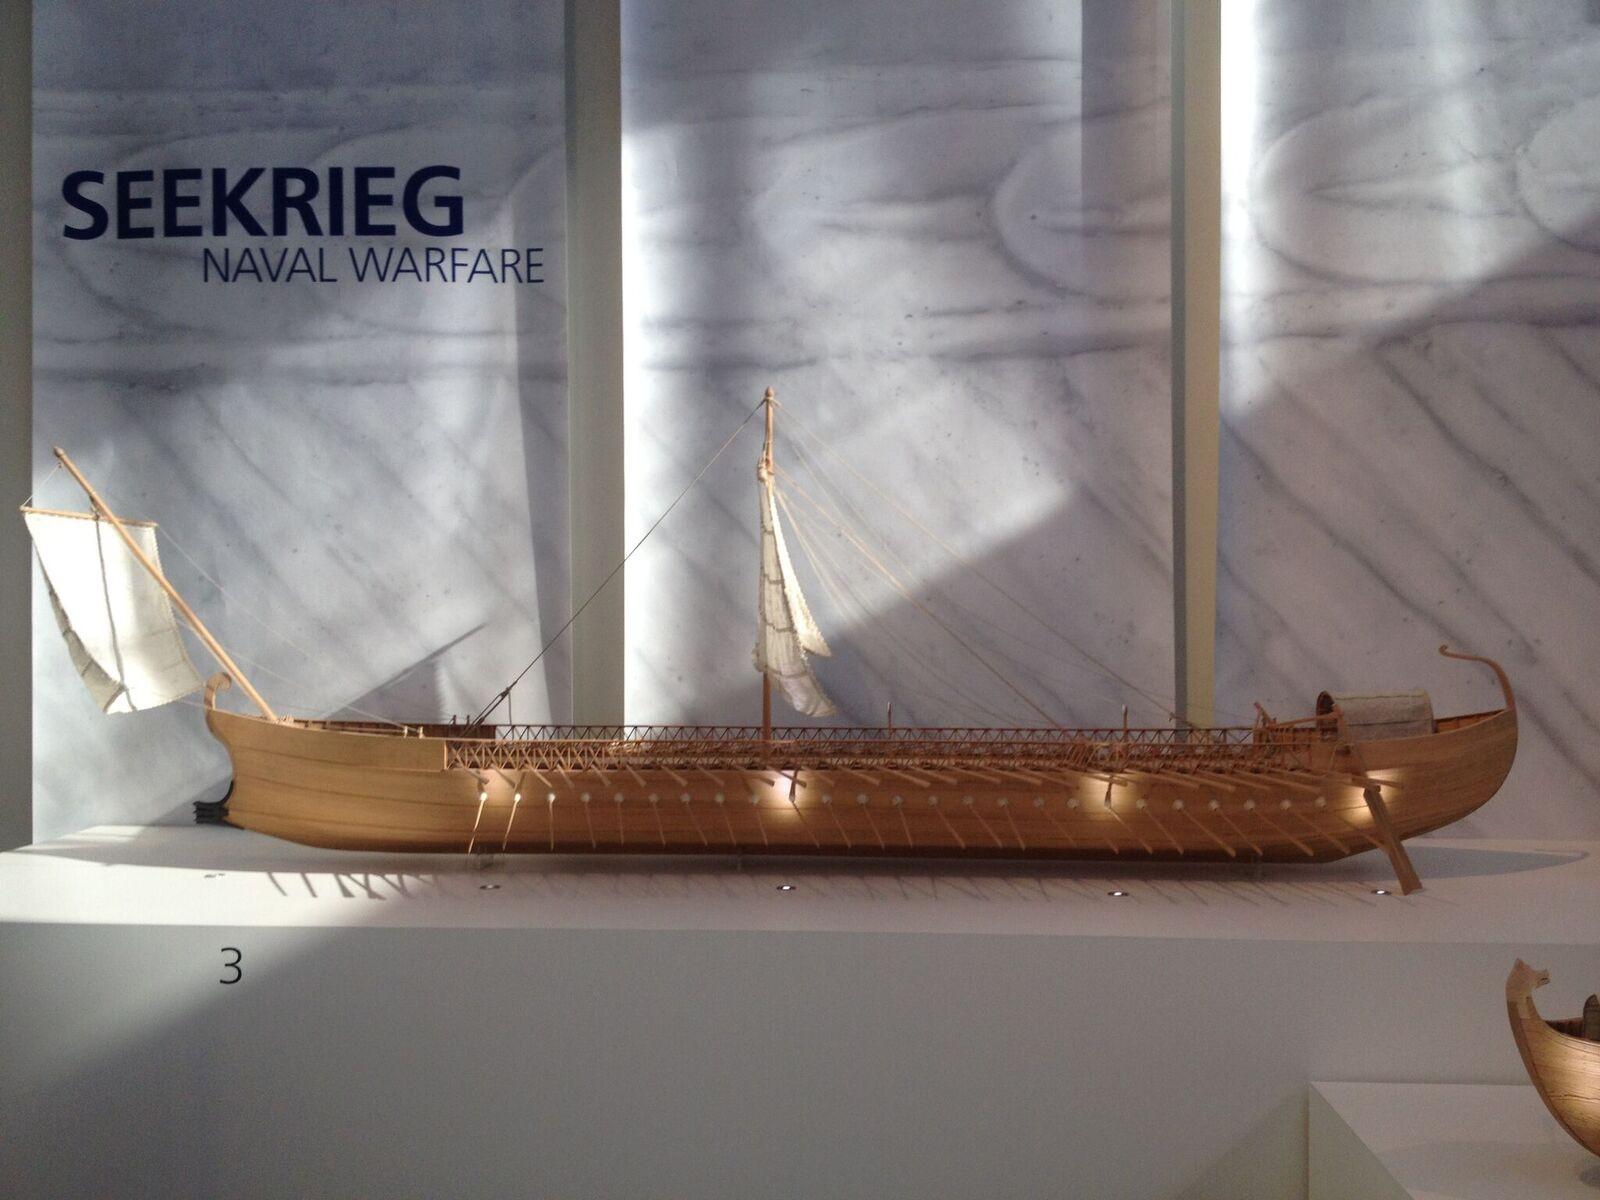 Modelo de navio romano utilizado para campanhas militares (Foto: University of Leicester)